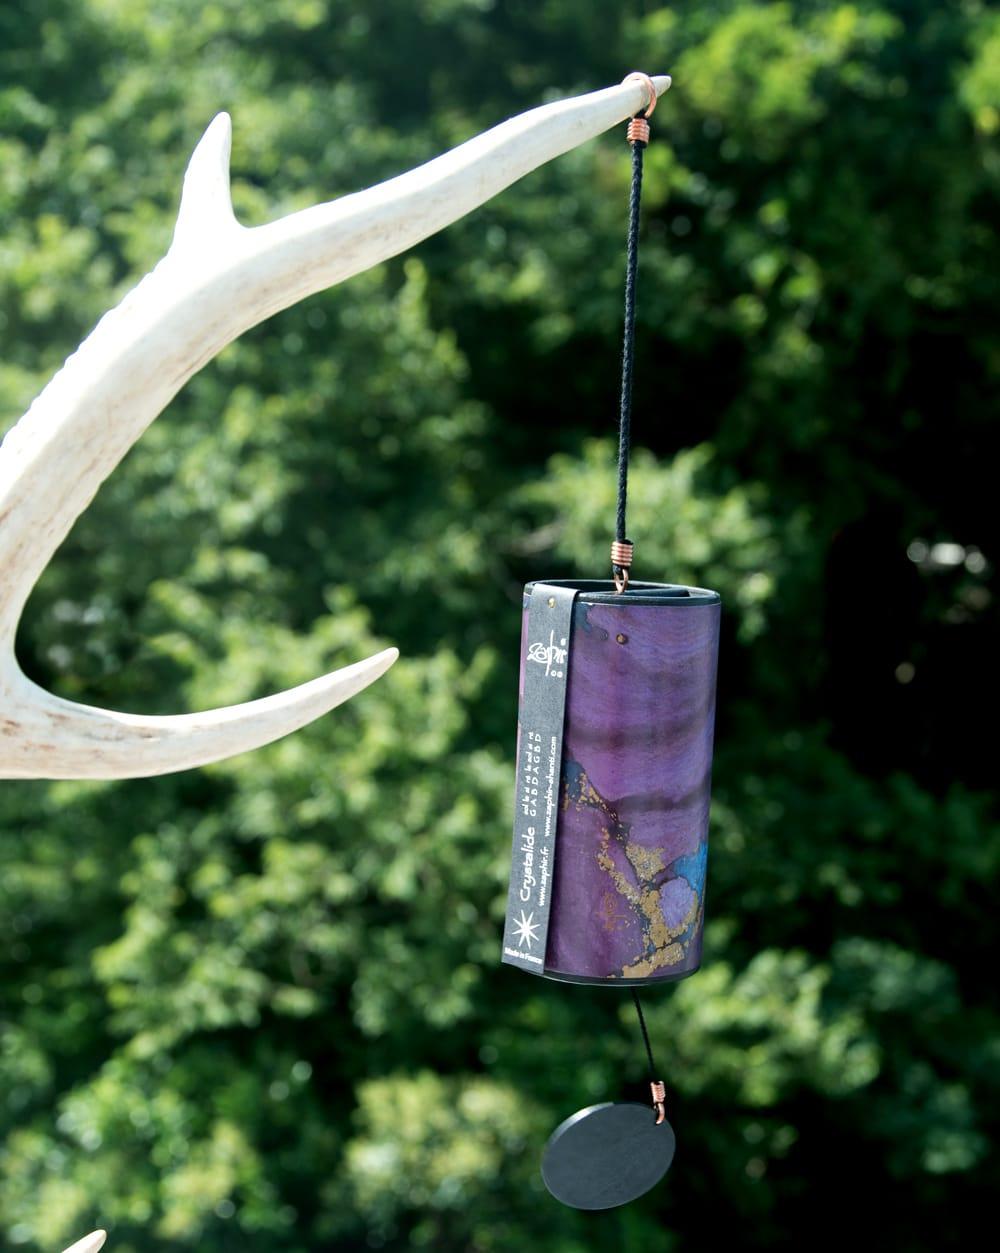 ザフィア・チャイム〔Zaphir Chime〕(ヒーリング風鈴) - スーフィー 5 - 屋外で撮影してみました。風とともに美しい音色がやってきます